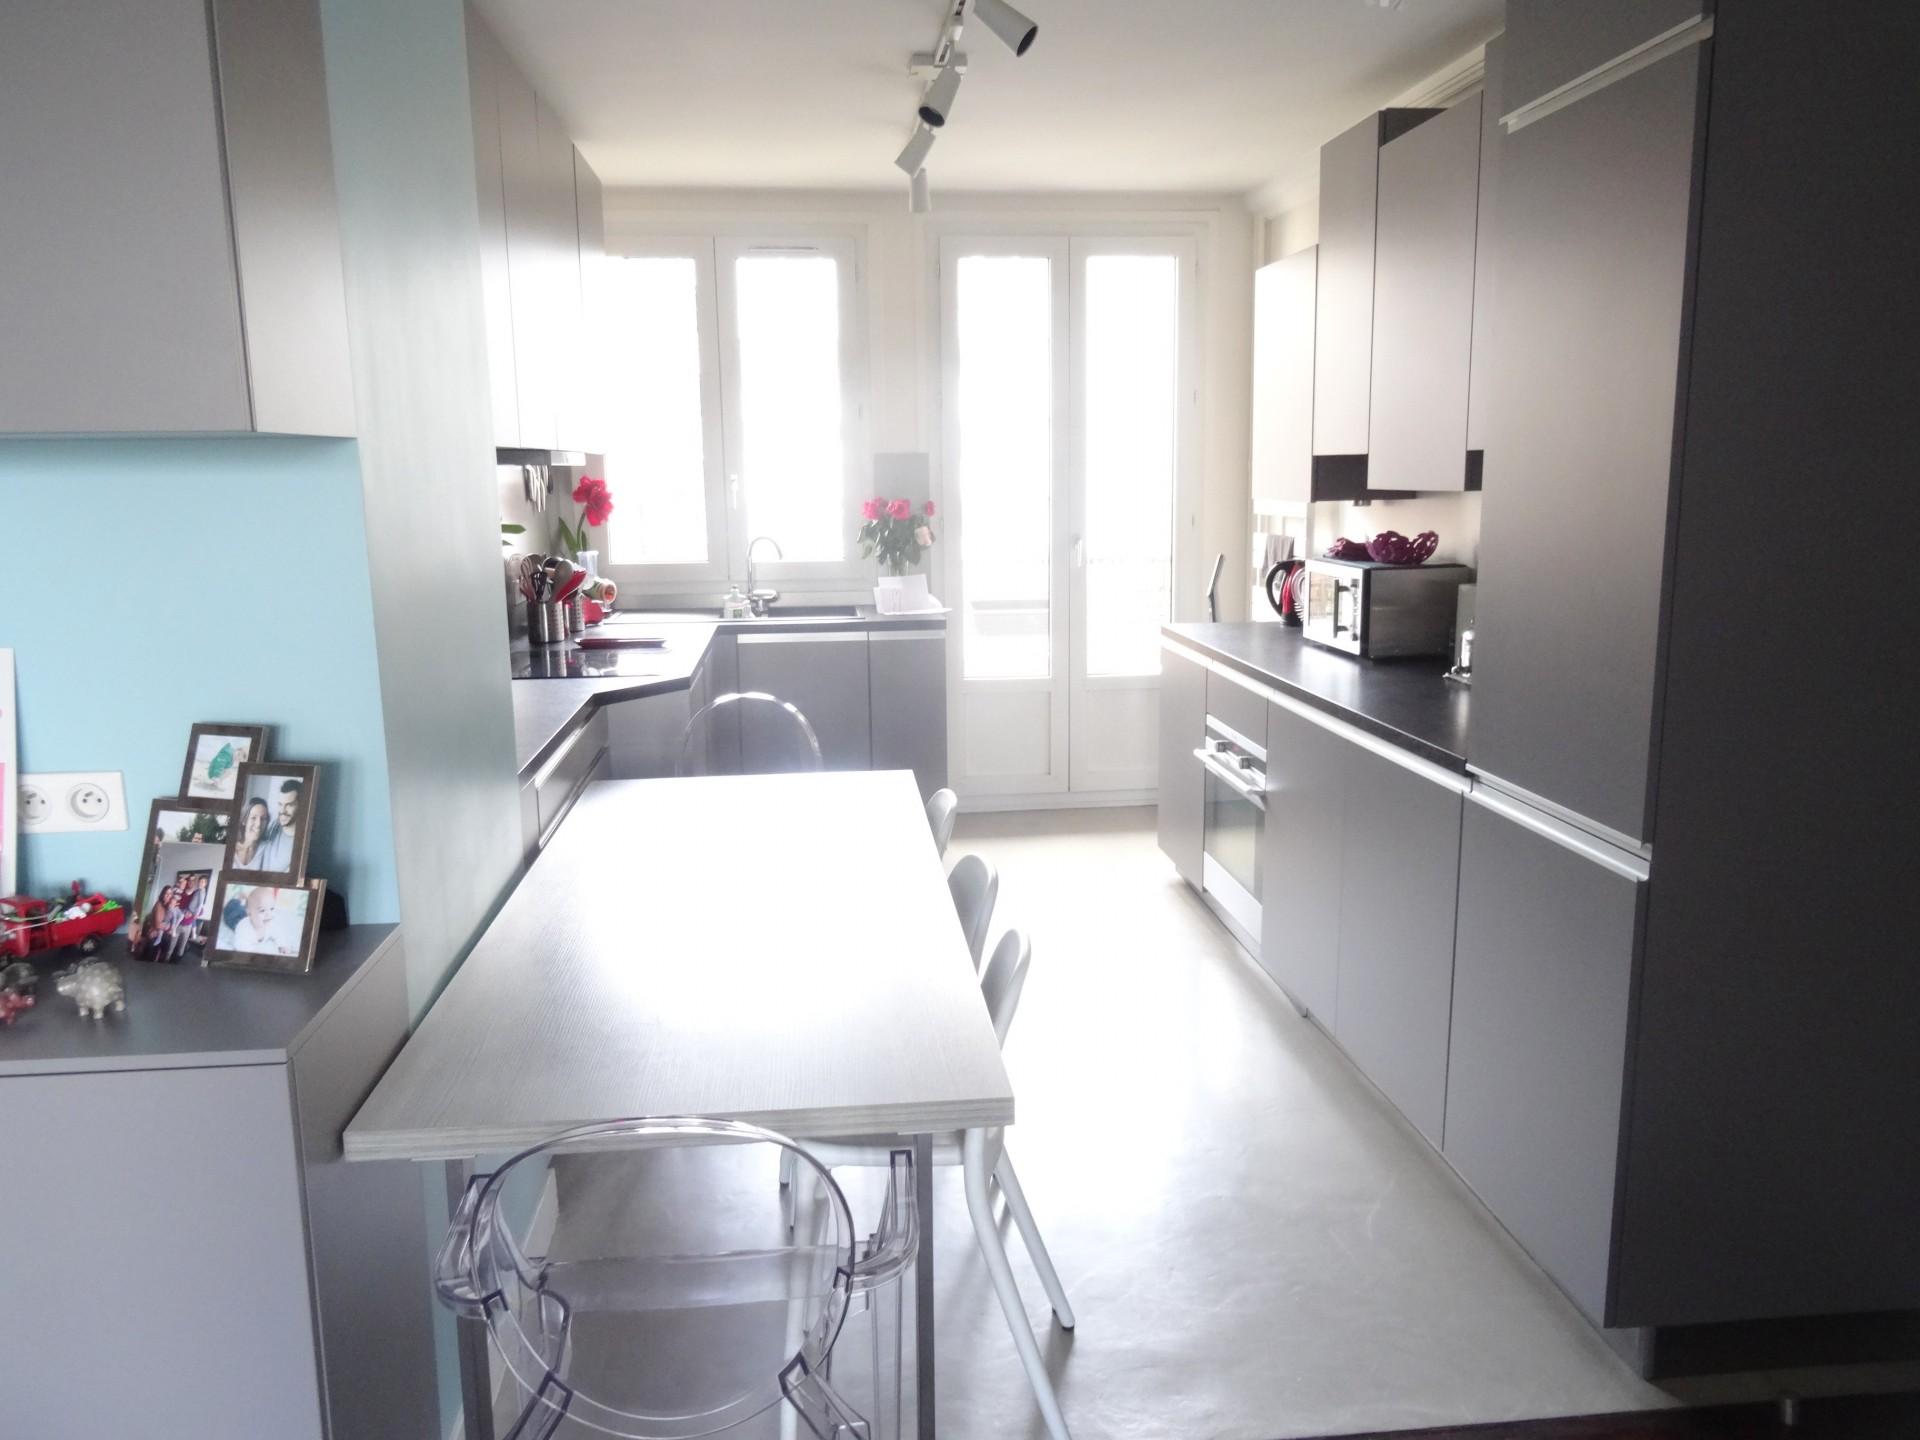 la-clef-des-villes-agence-immobiliere-boulogne-billancourt-photo-route-de-la-reine-cuisine-dinatoire